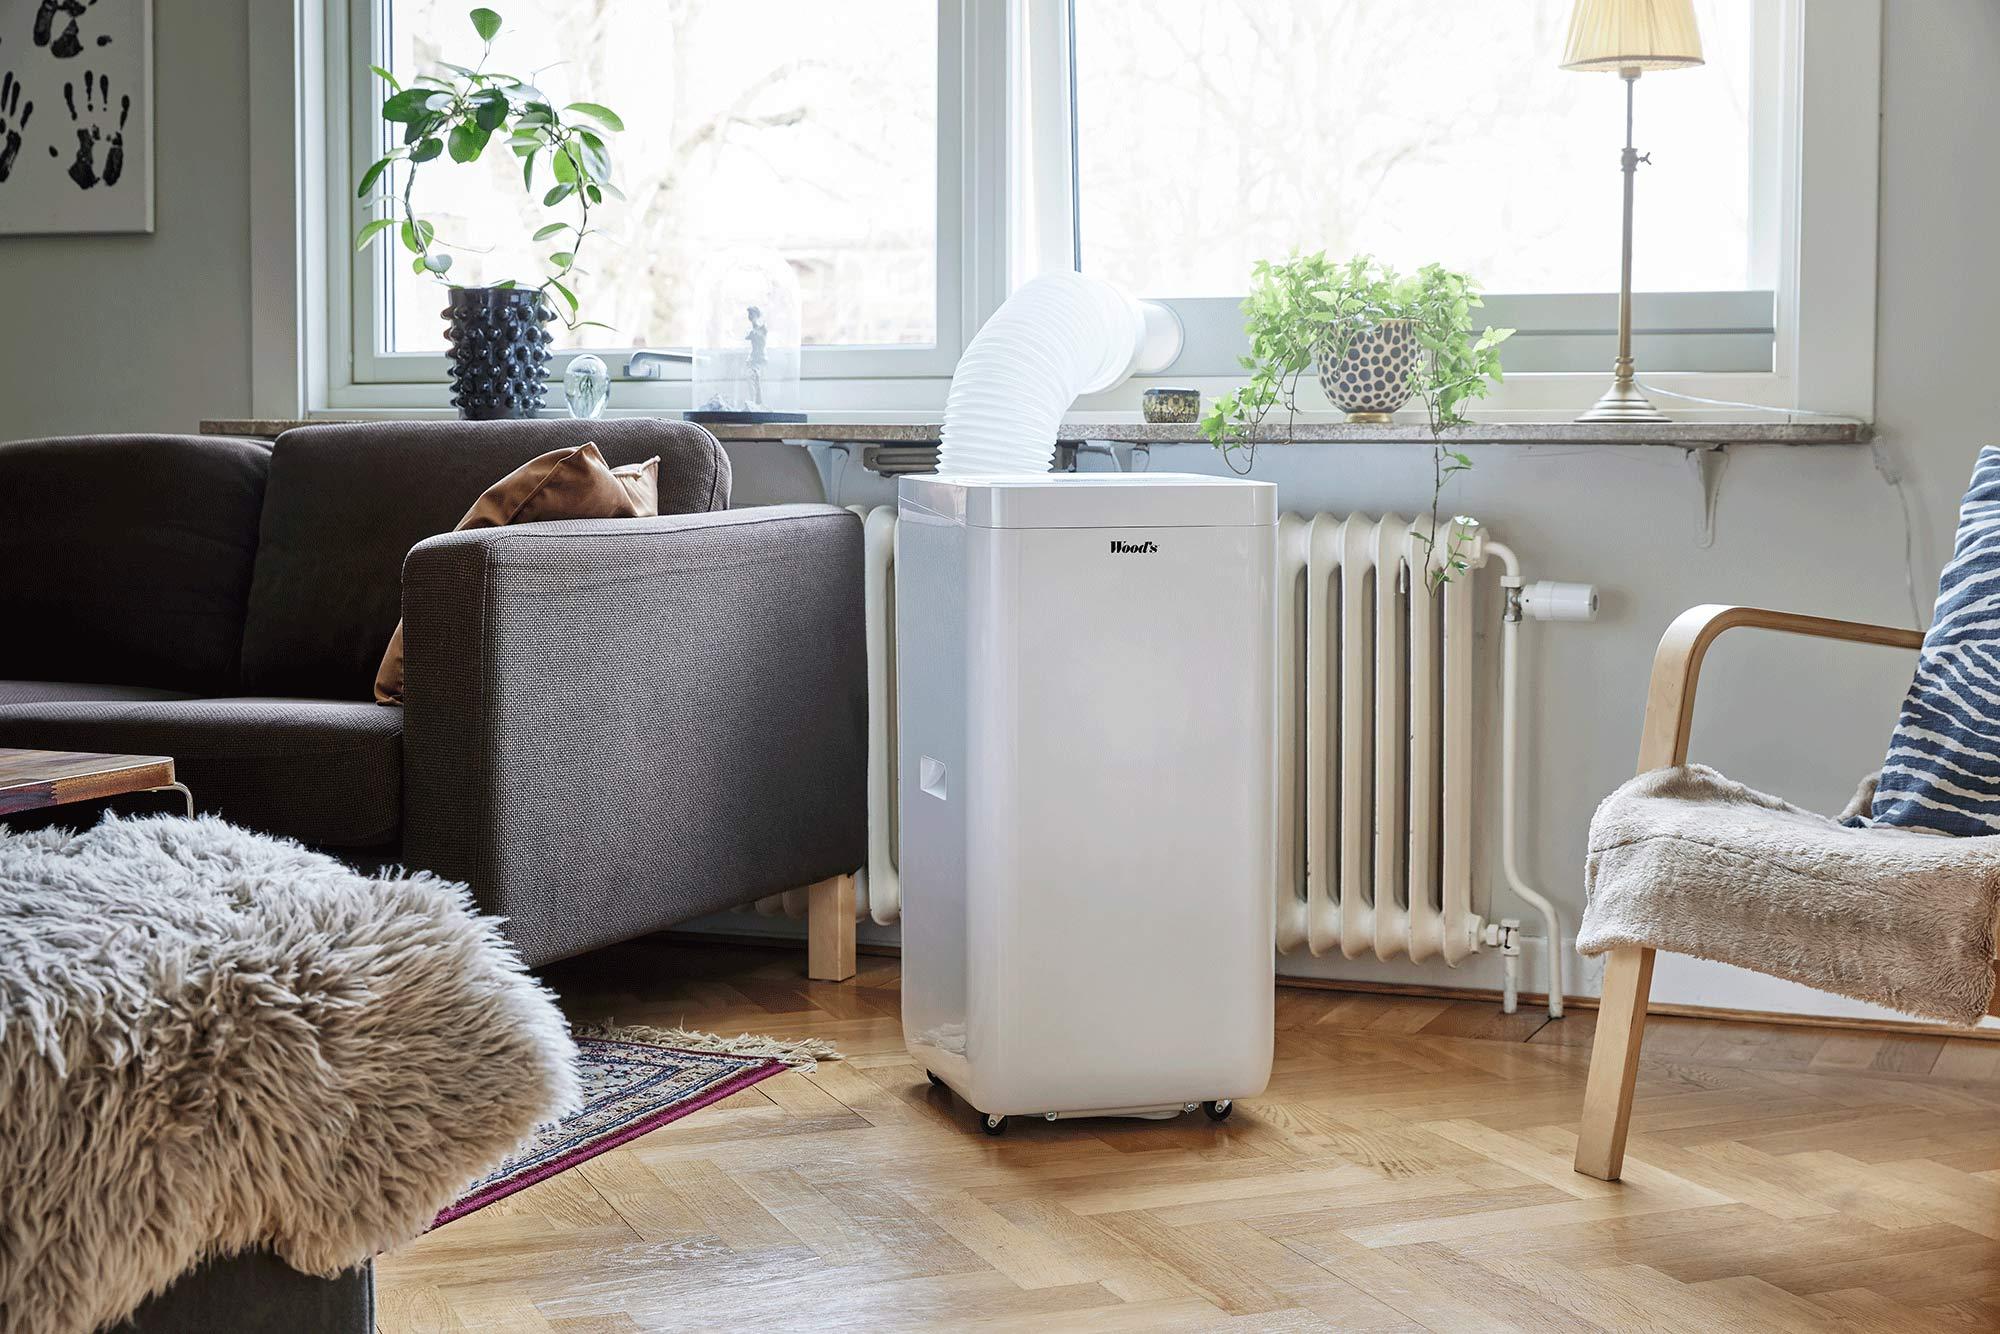 Portabel luftkonditionering